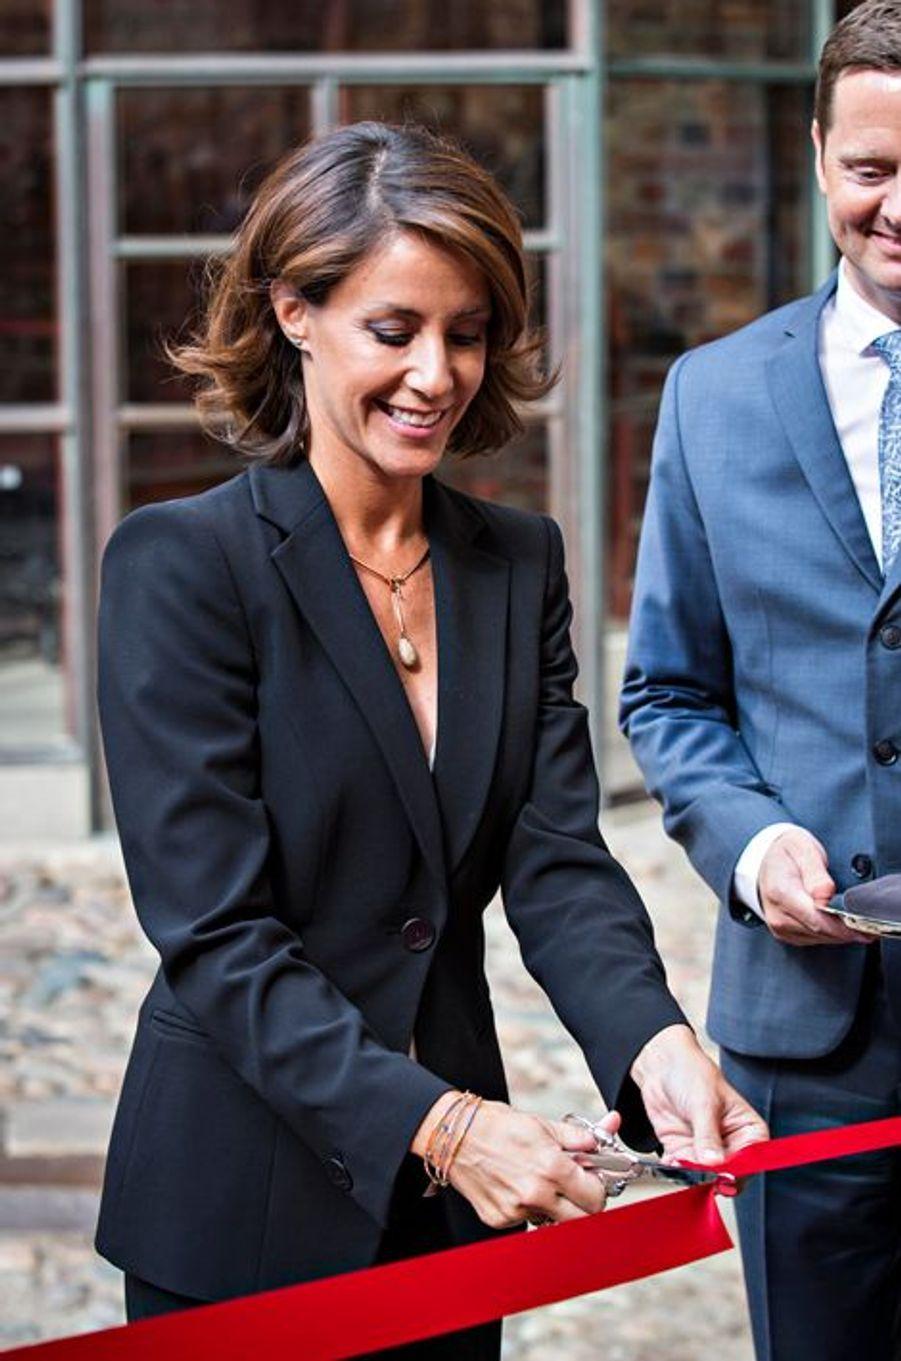 Ce jeudi 3 septembre, la princesse Marie de Danemark avait mission de couper un ruban dans le château de la ville portuaire de Kolding. Elle y a lancé une exposition consacrée au célèbre designer danois Georg Jensen.Chaque dimanche, le Royal Blog de Paris Match vous propose de voir ou revoir les plus belles photographies de la semaine royale.